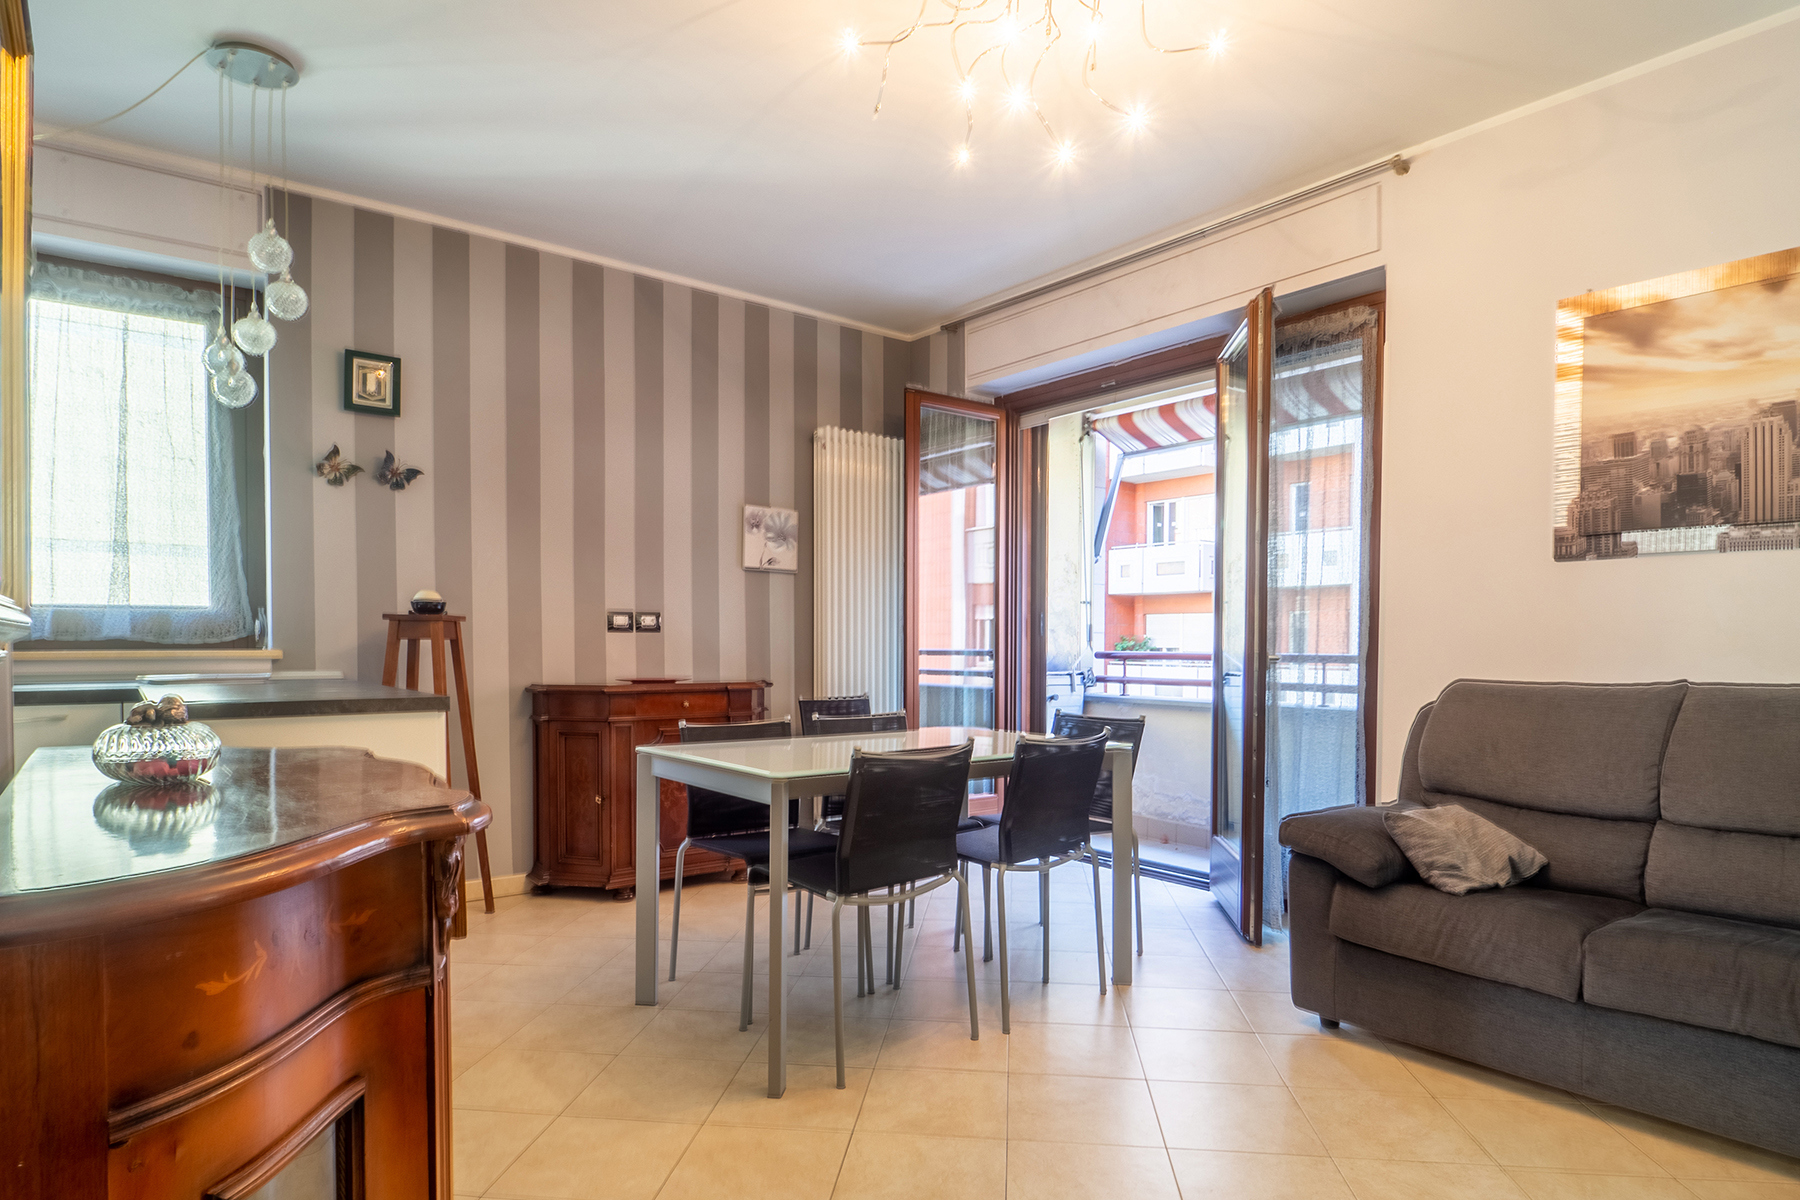 Appartamento in Vendita a Torino: 2 locali, 66 mq - Foto 3